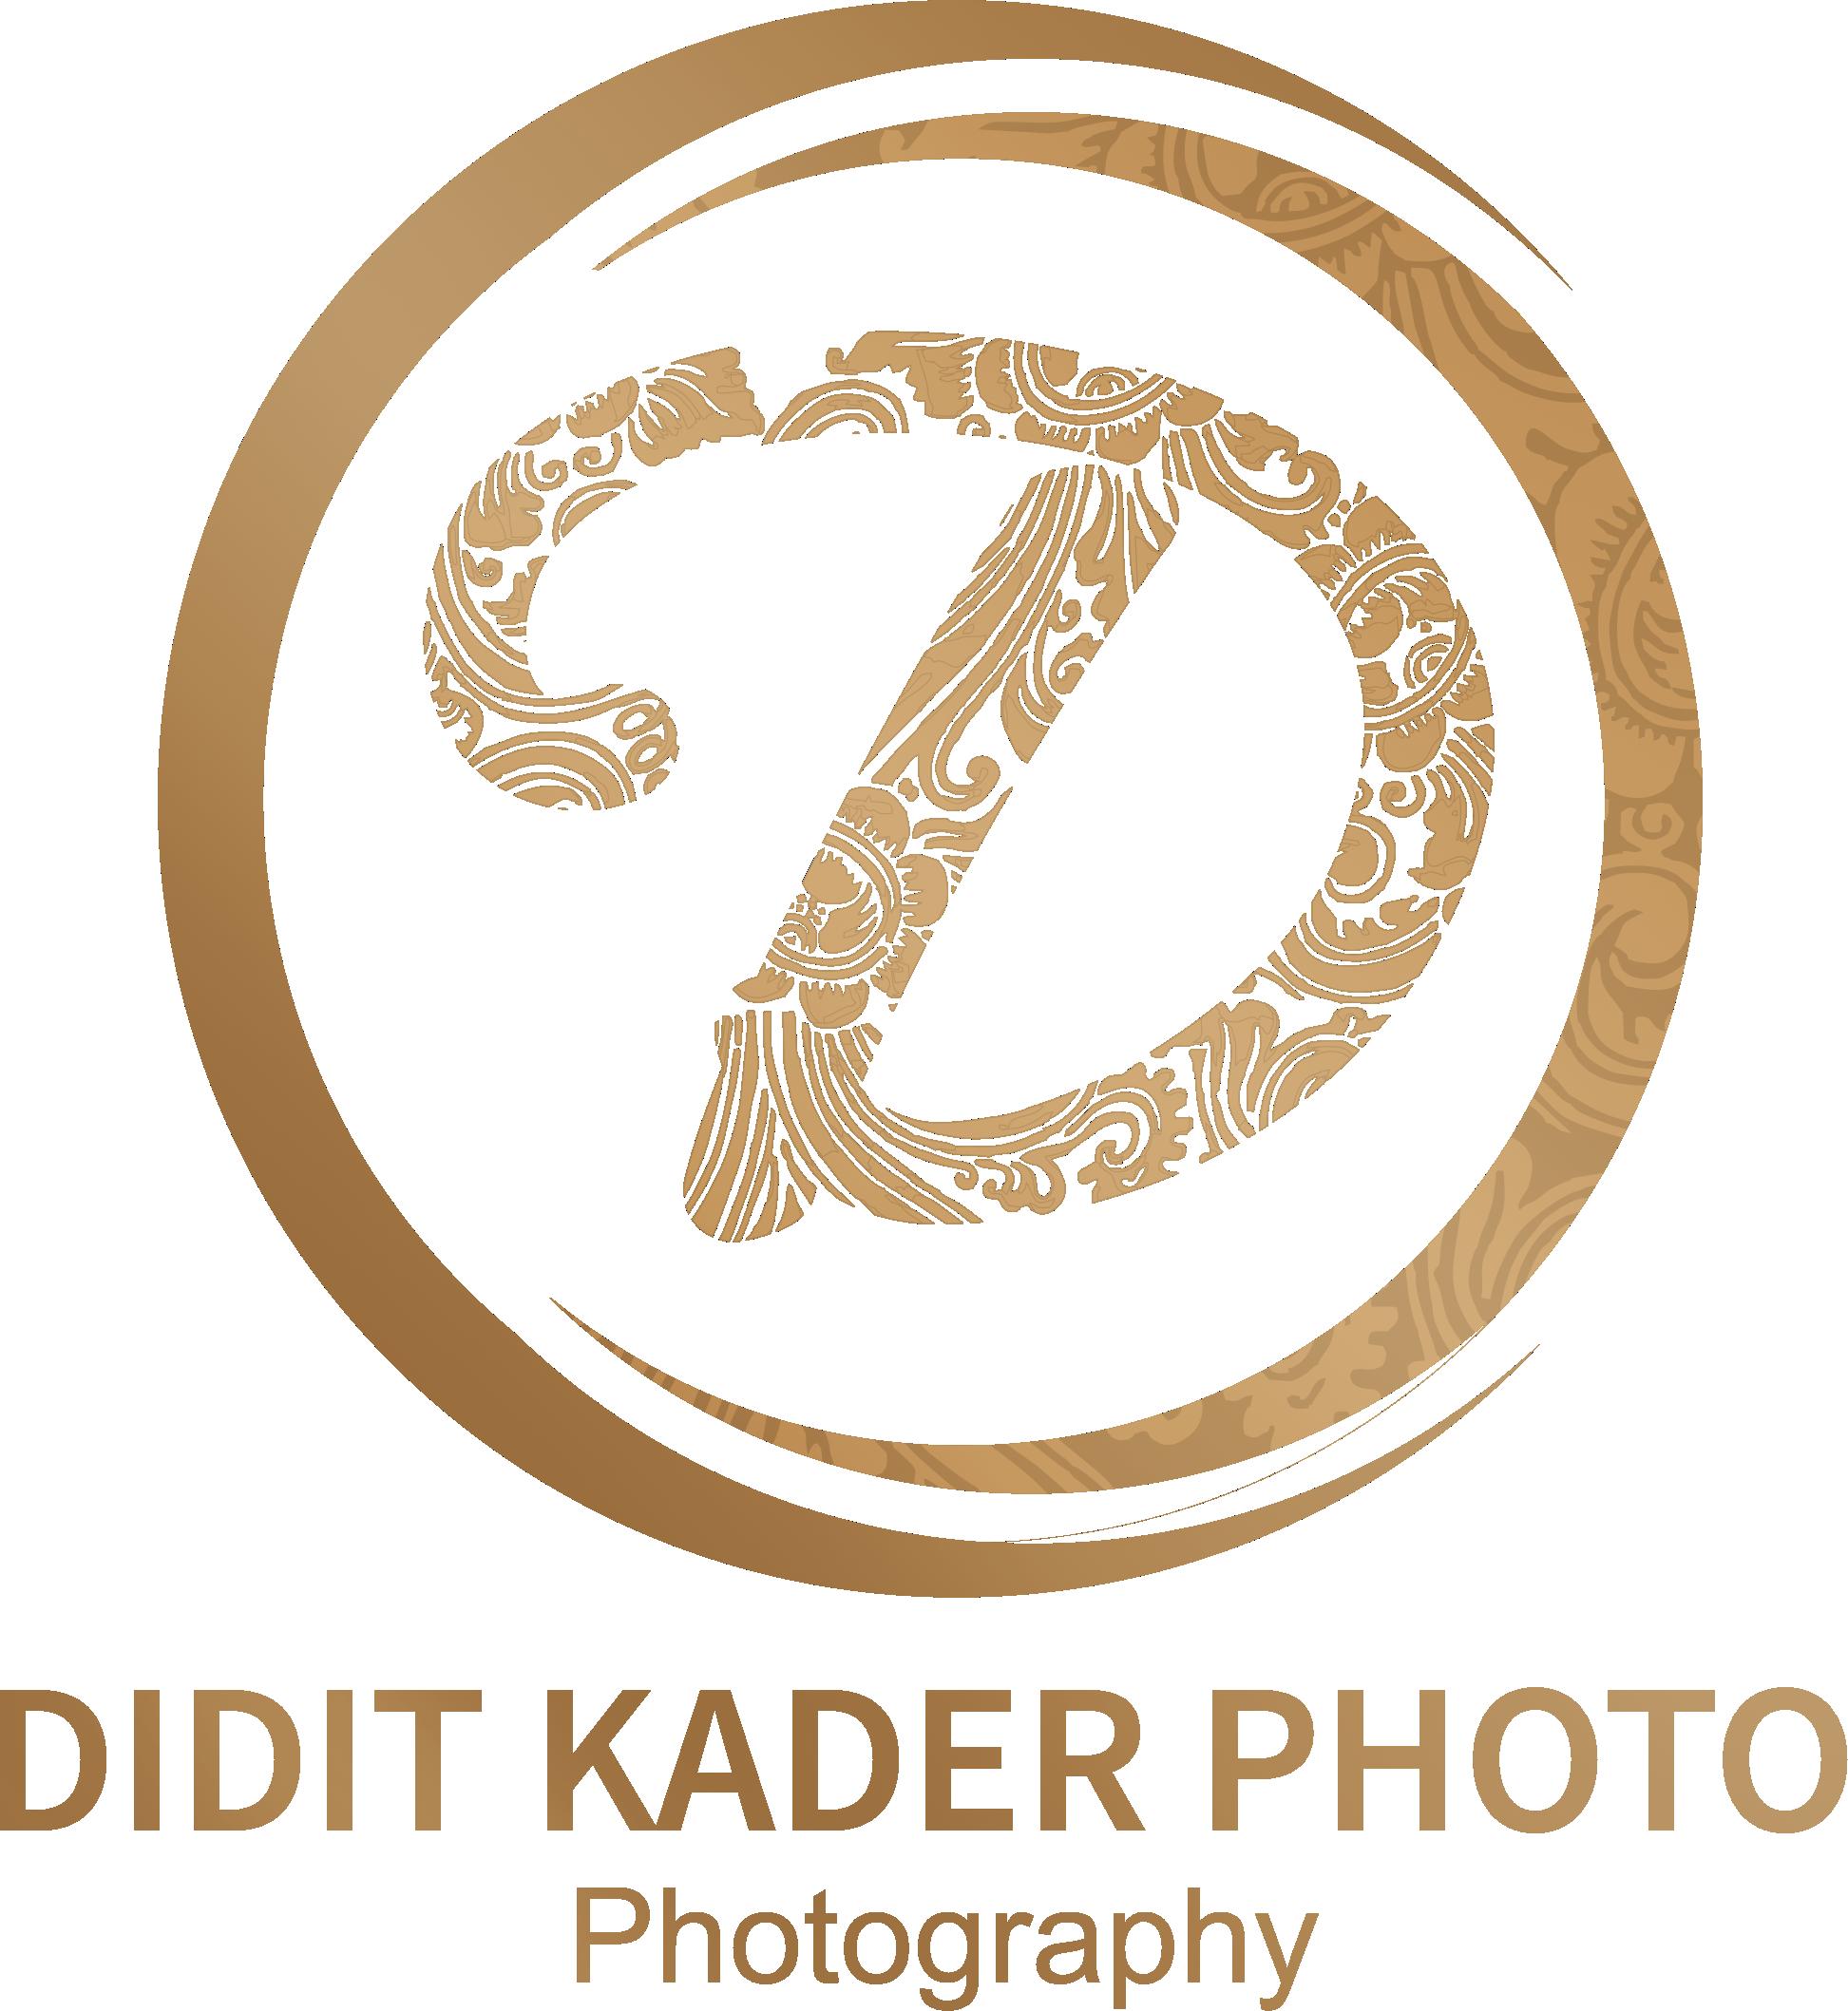 Didit Kader Gallery